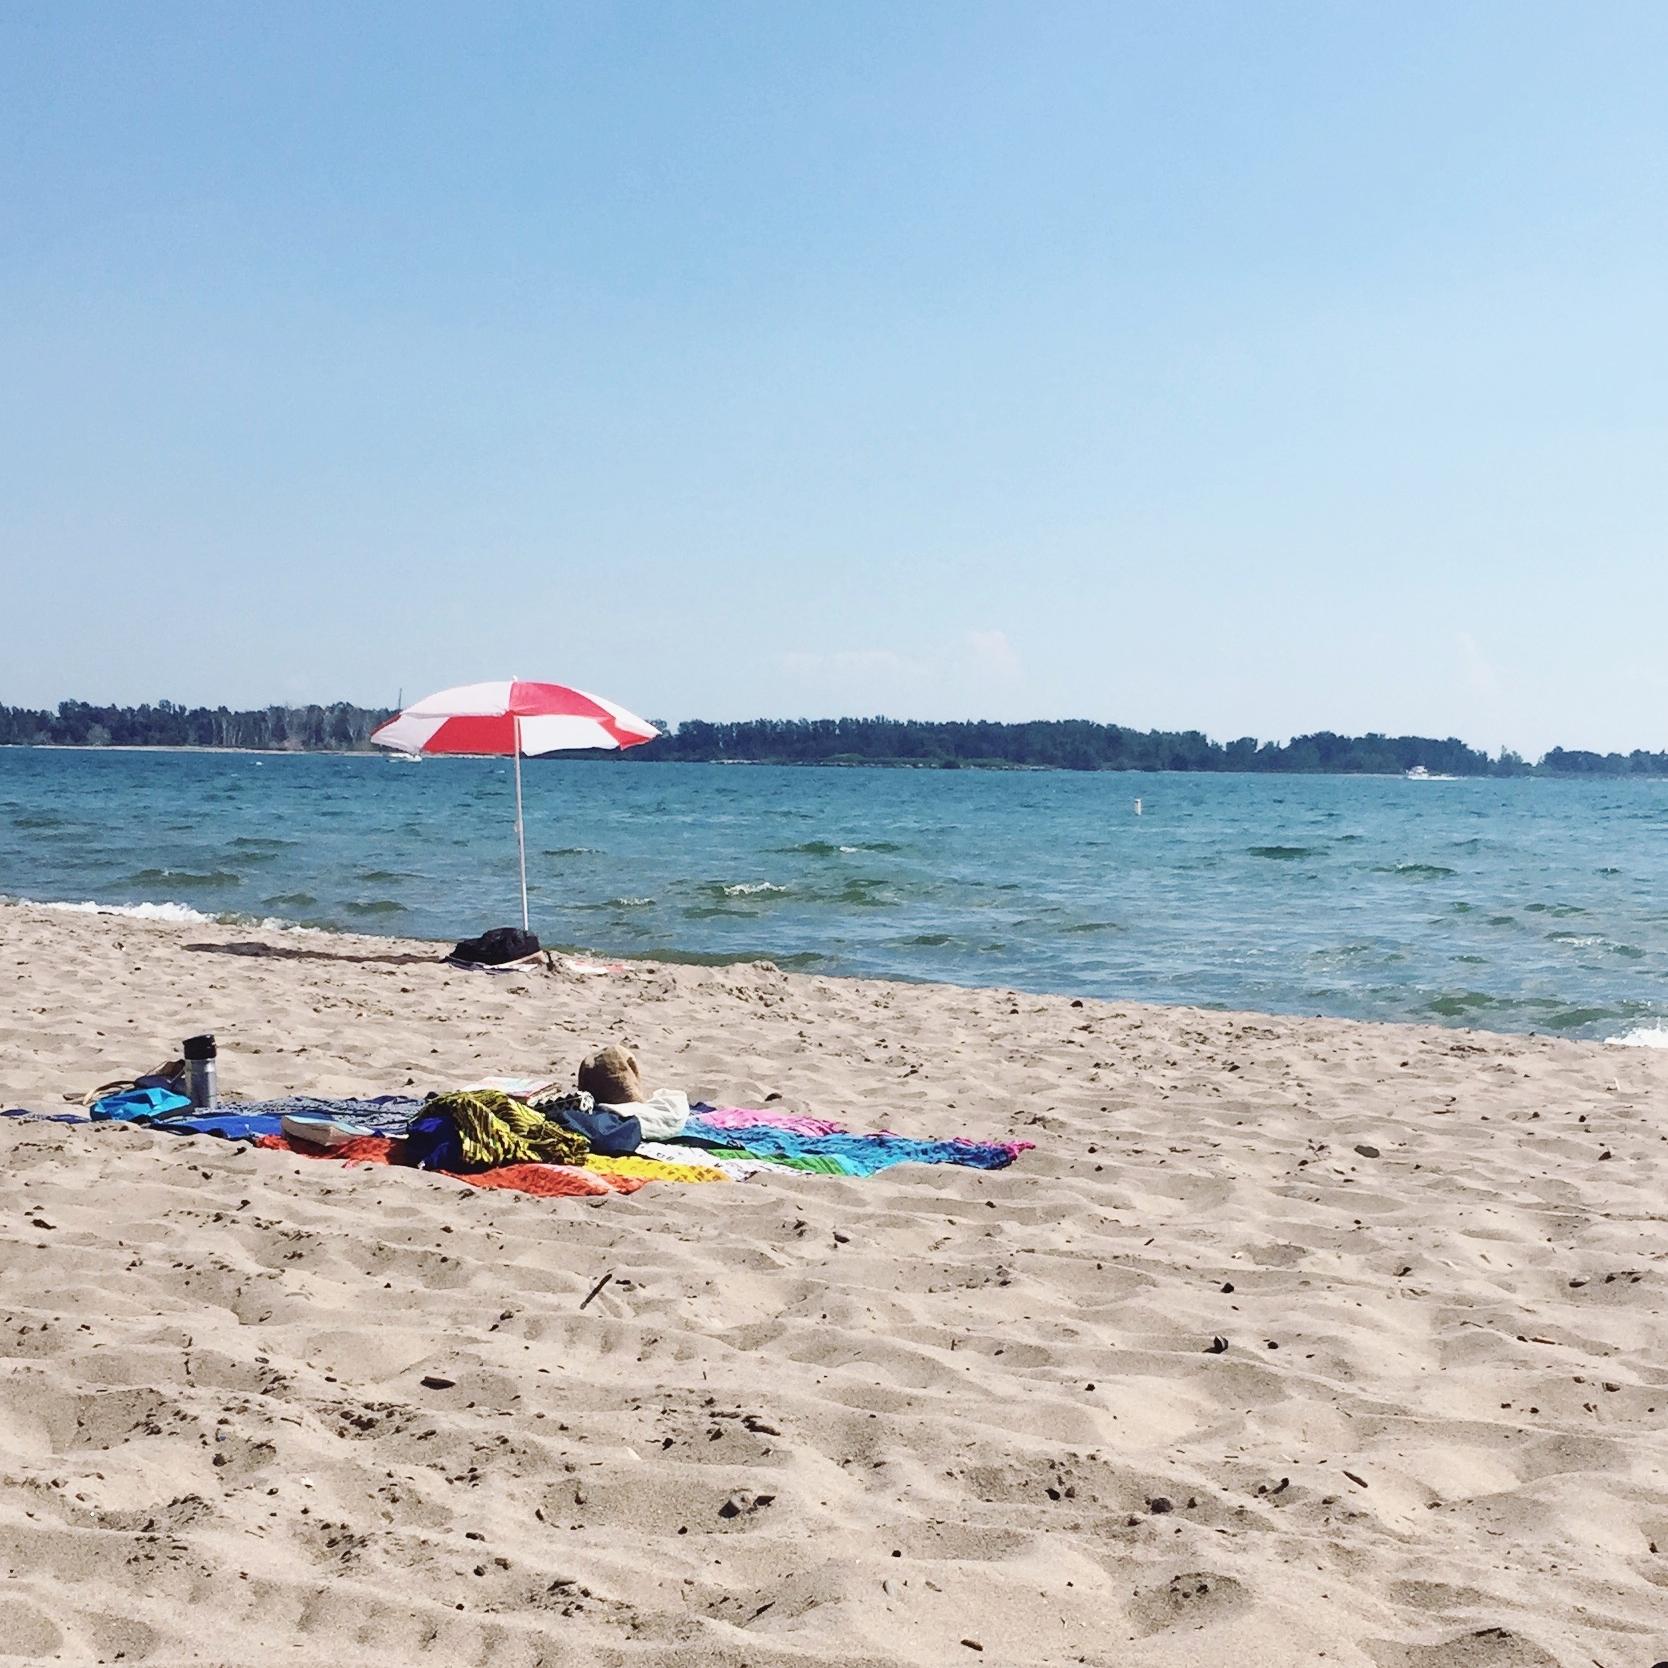 A rare beach day.